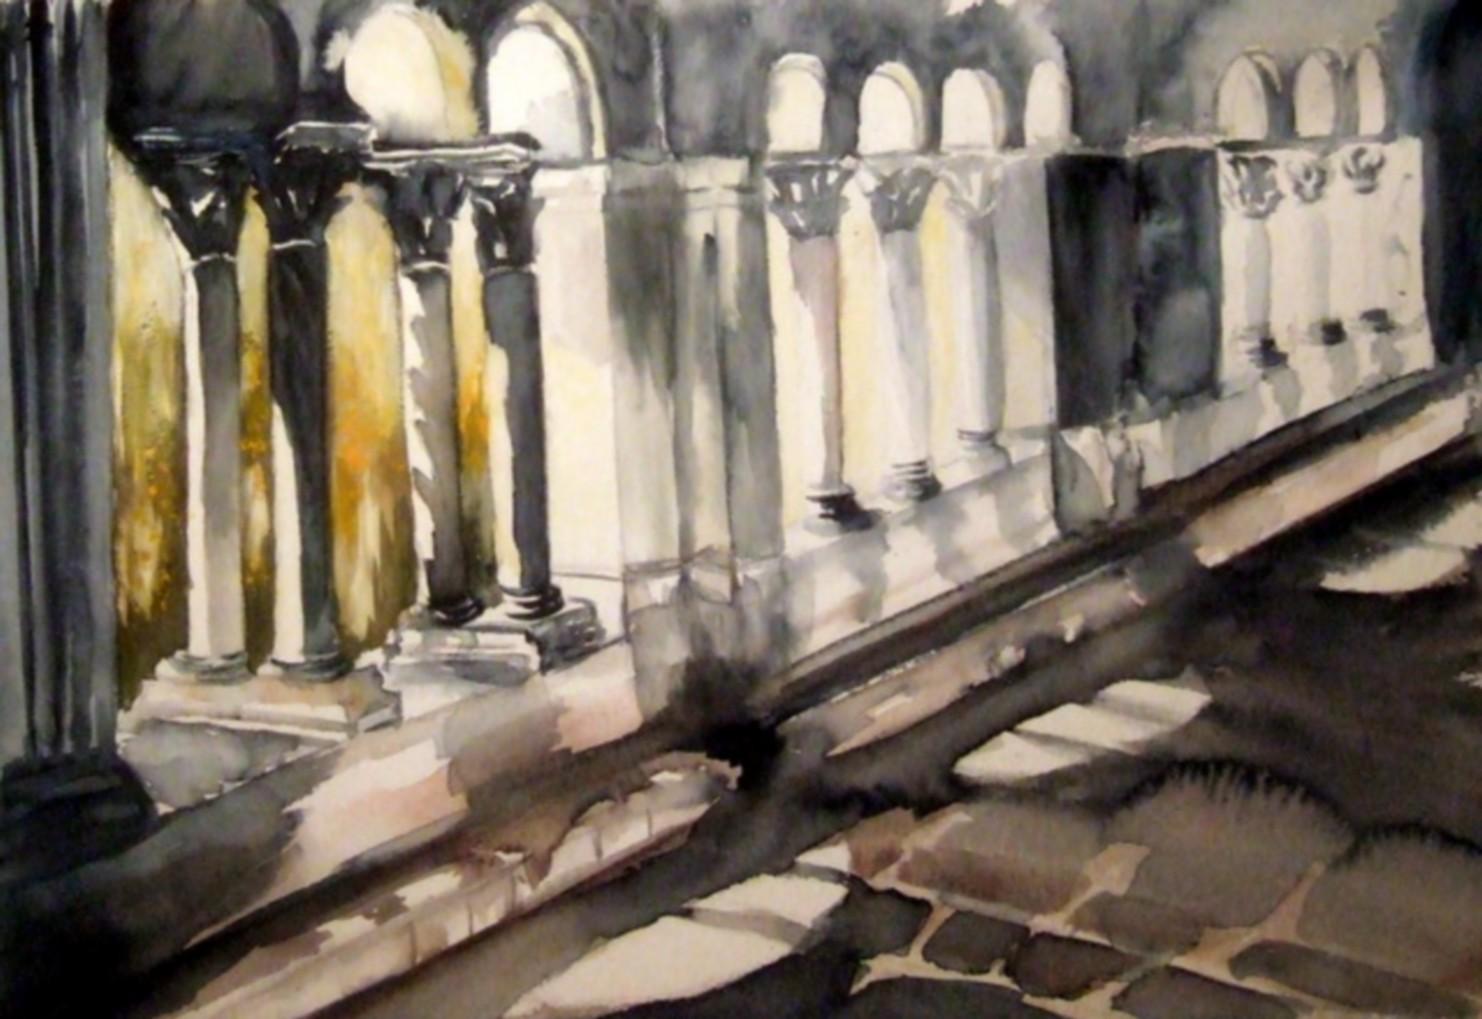 Dominique le journal d 39 une peintre au fil du temps abbaye de senanque - Le journal le vaucluse ...